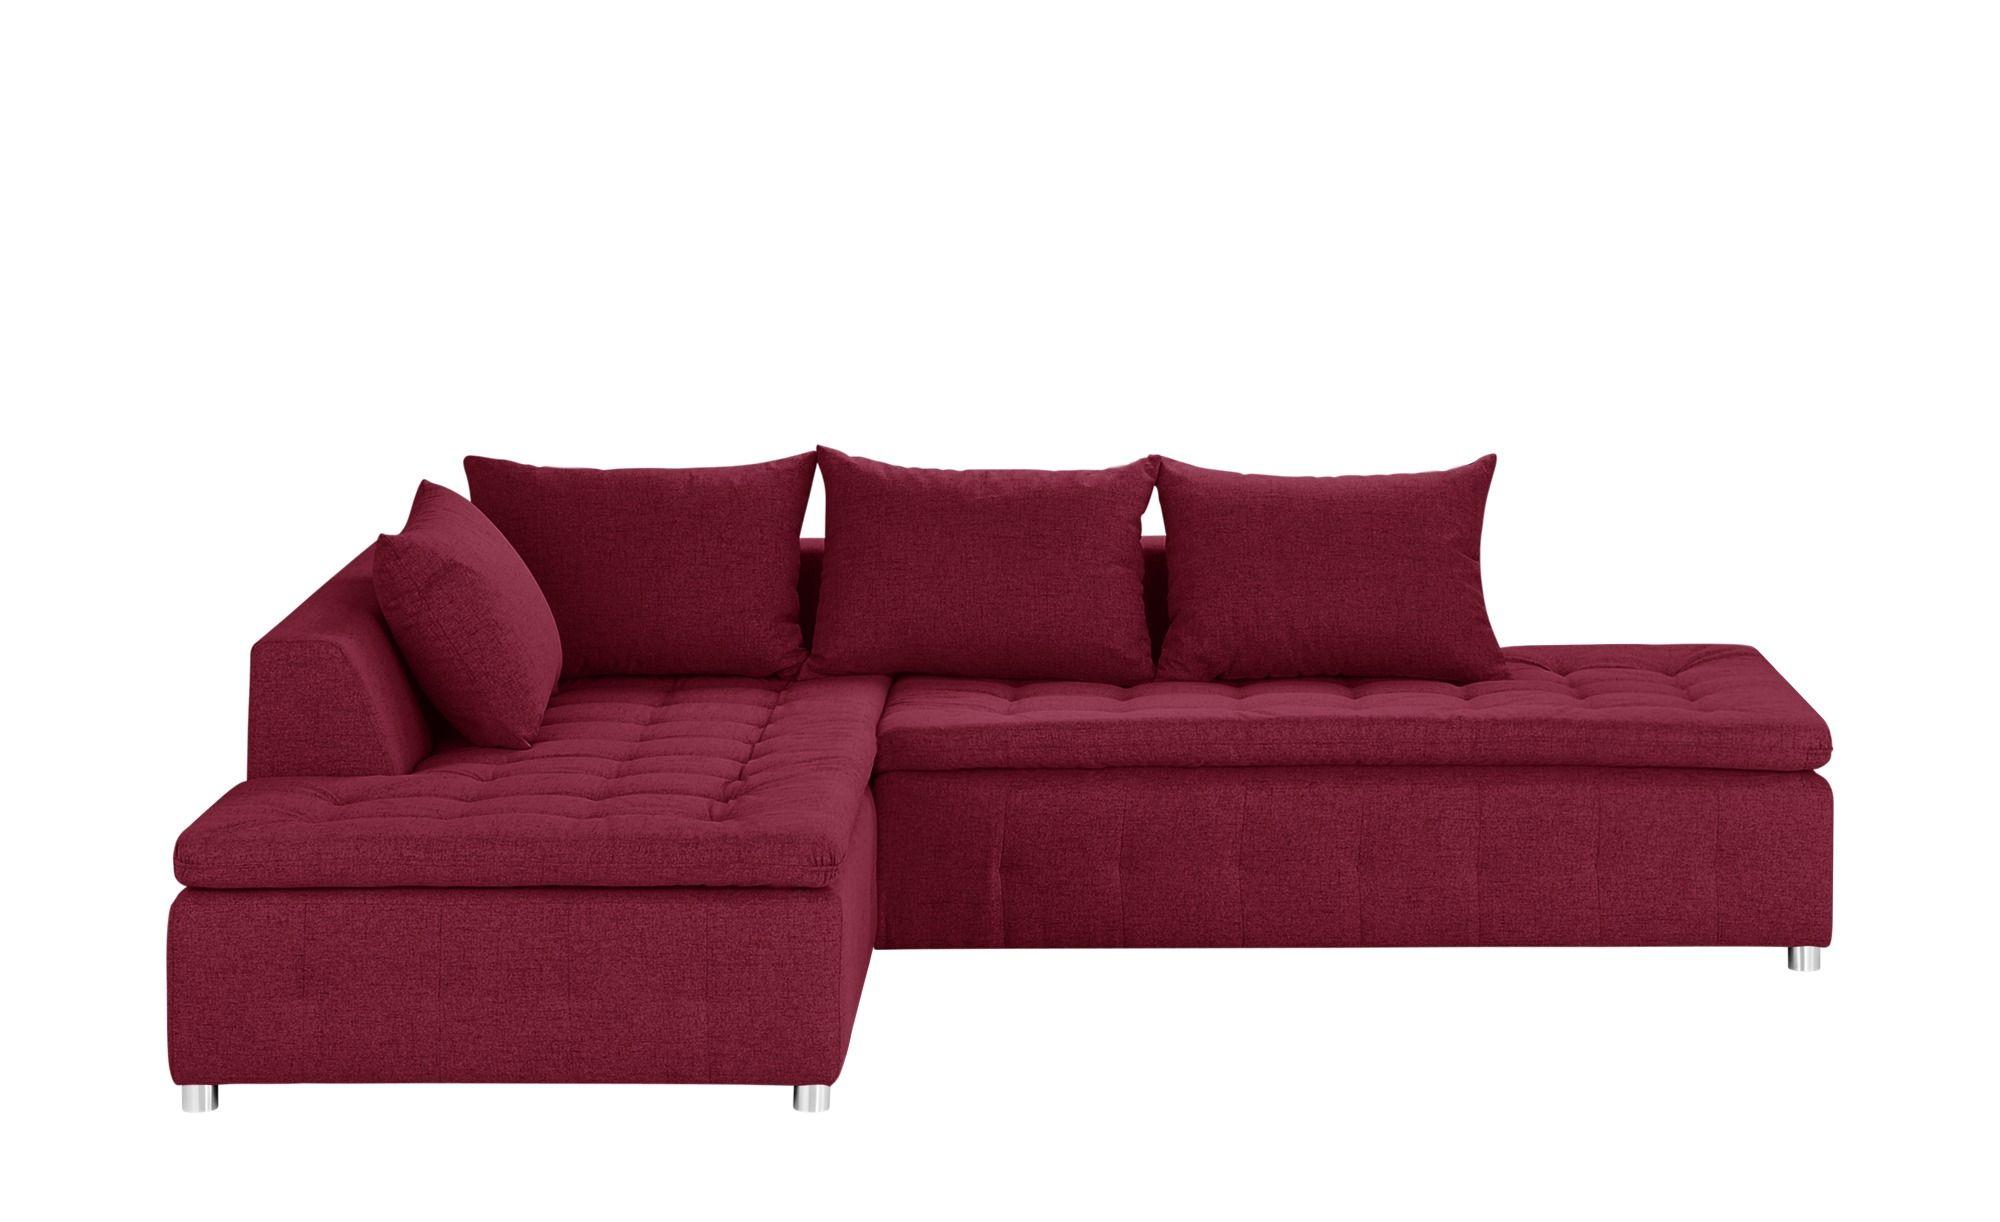 Smart Ecksofa Salvia Couch Home Decor Decor